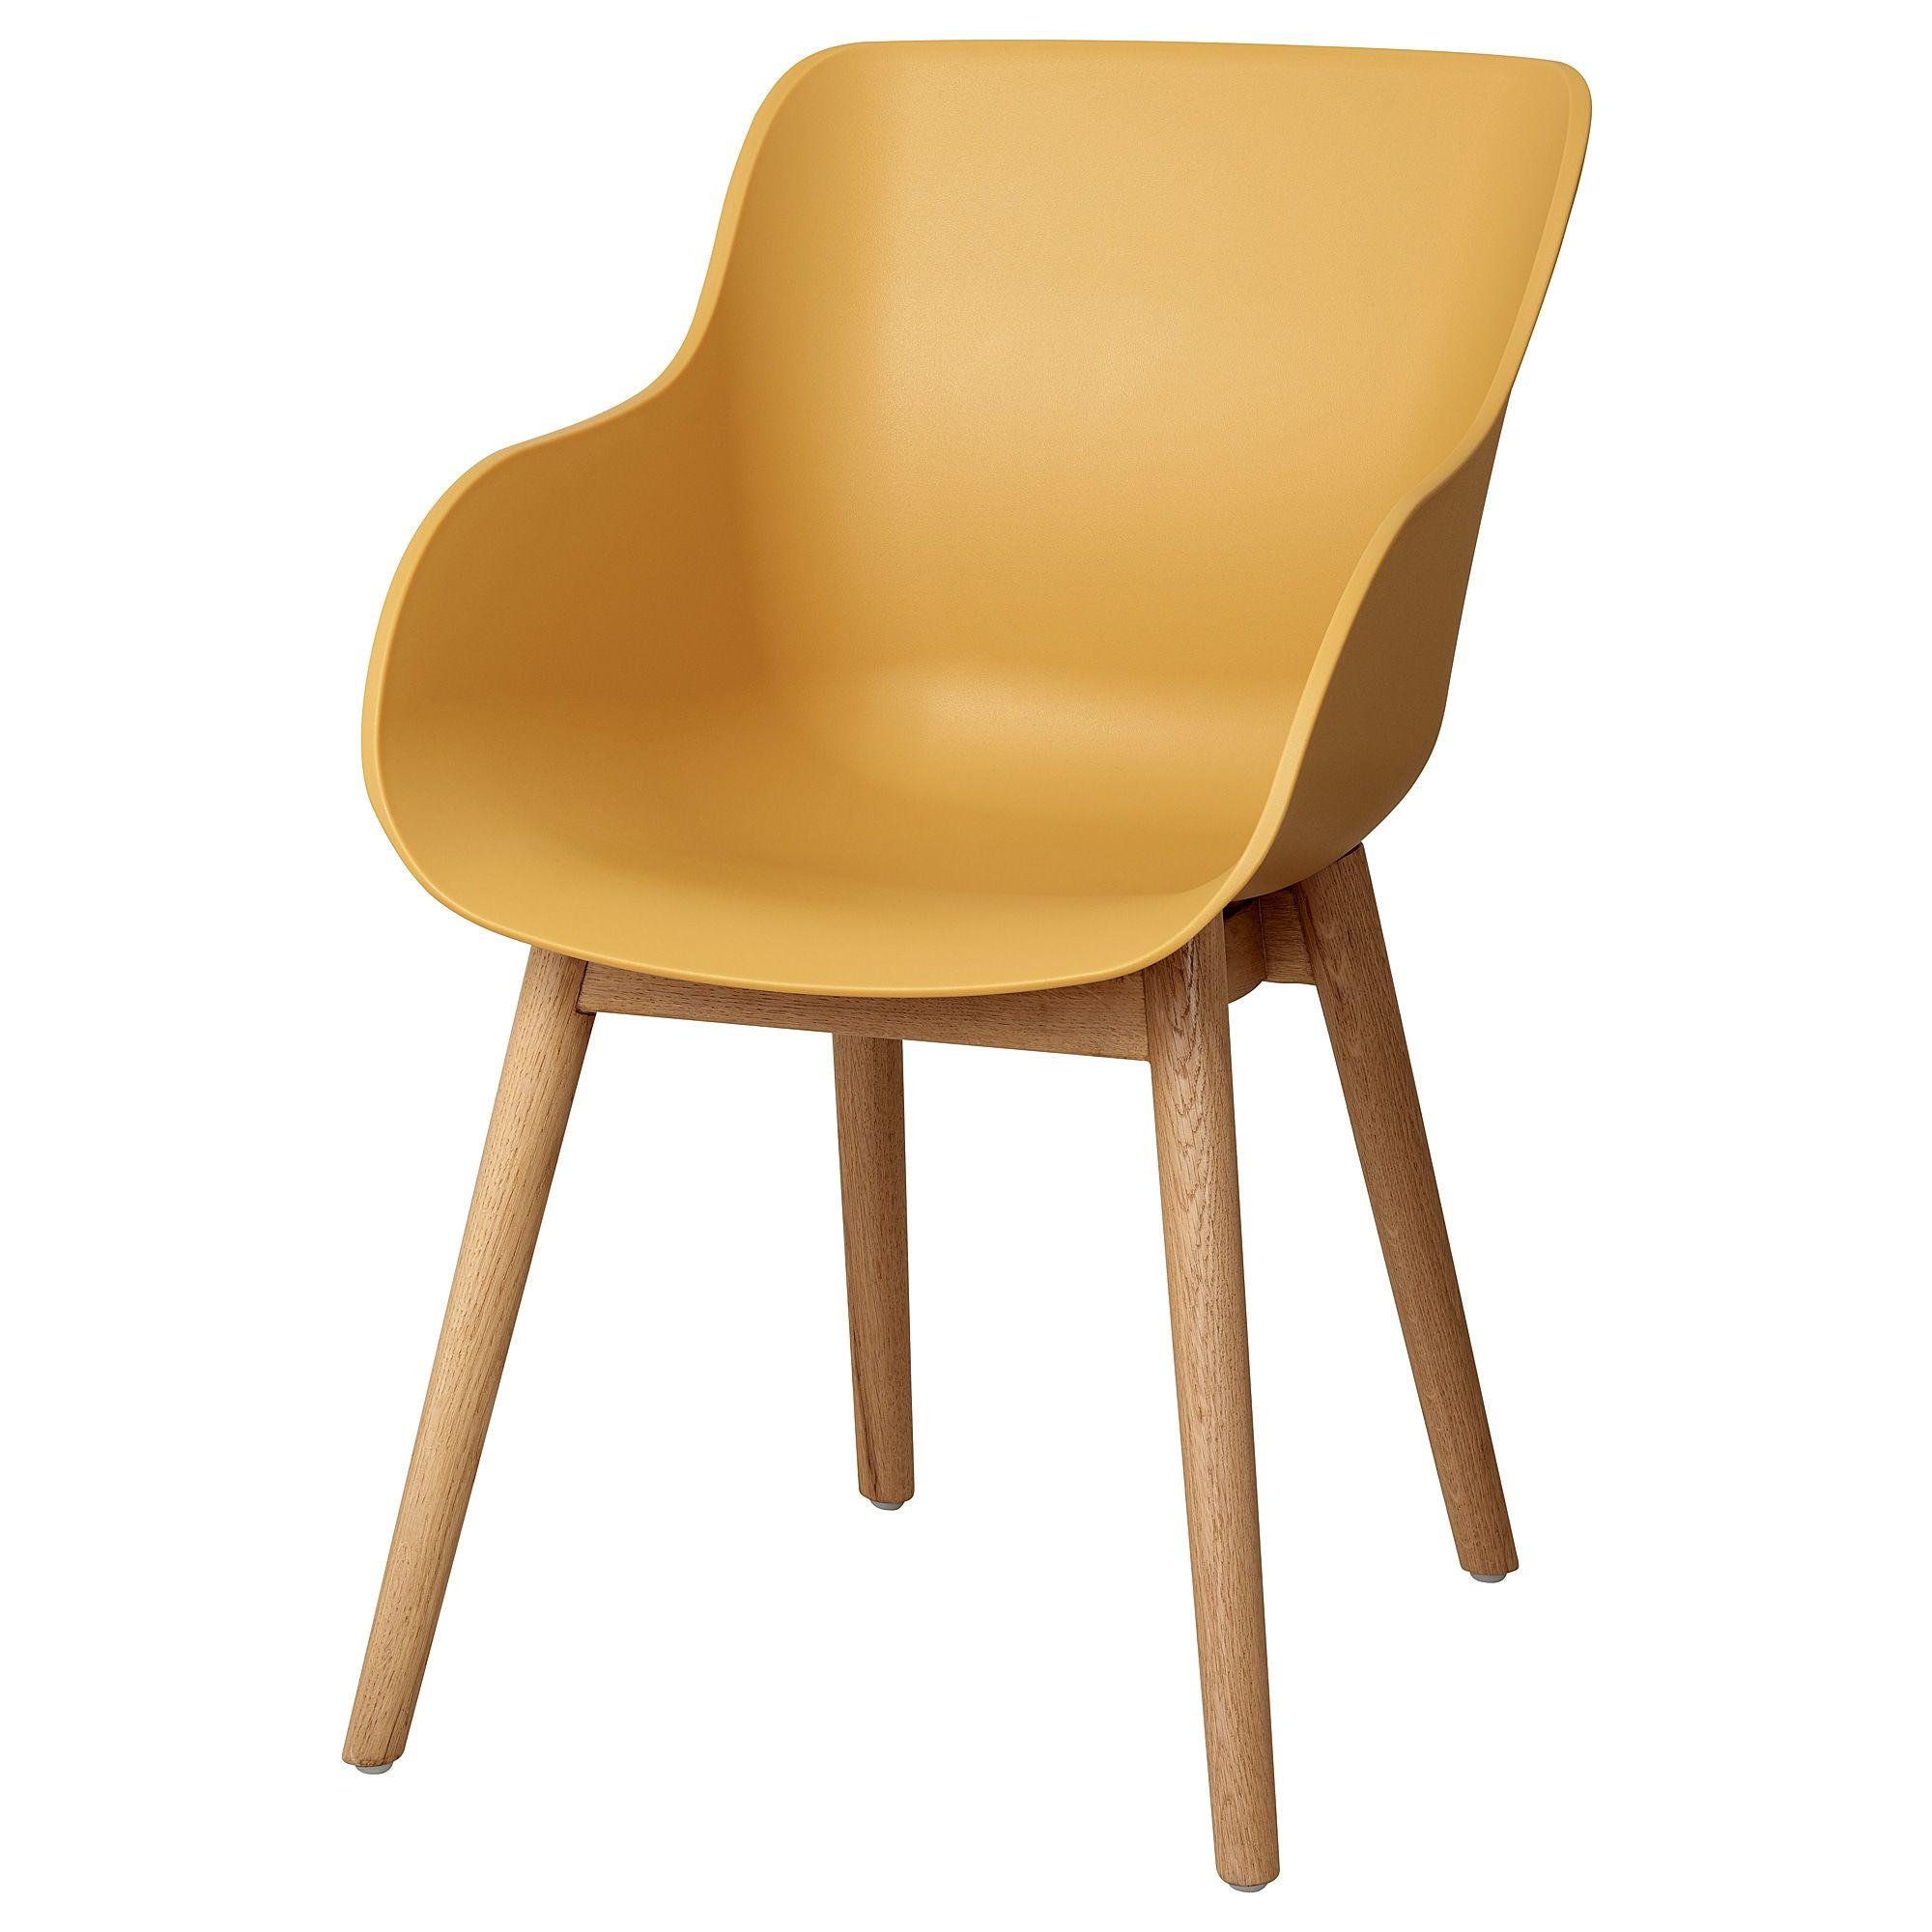 Torvid Chaise Jaune Chene Ikea Ikea Chaises Jaunes Chaise